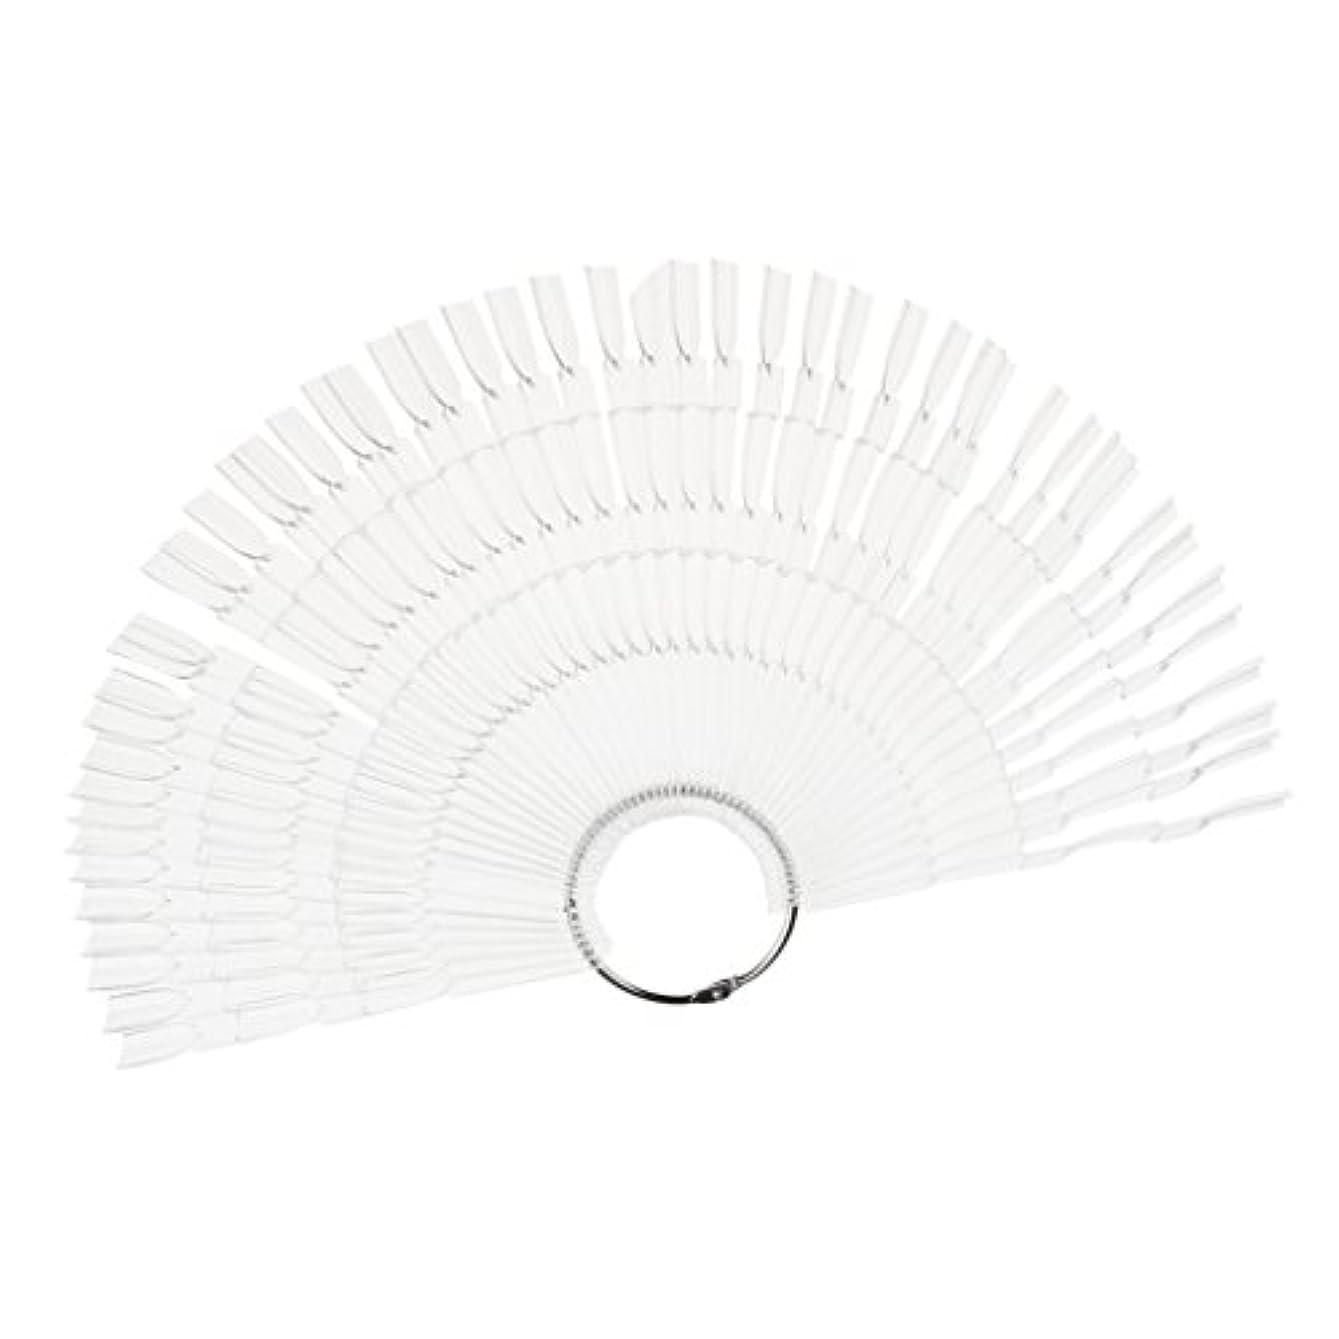 信じられないパトロン処分したネイルアート カラー表示チャート 約50個の扇形ヒント ネイルパレット 2タイプ選べる - クリア